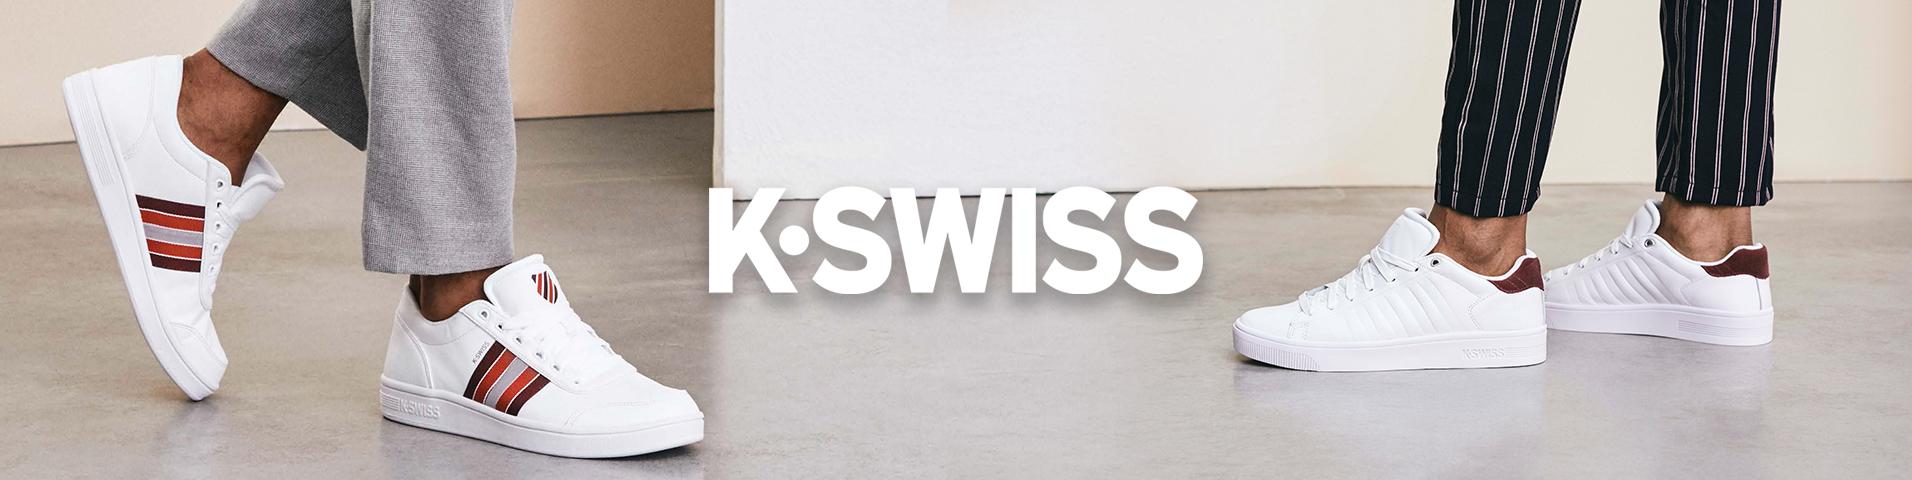 save off 0a52b c1601 K-SWISS Men's Shoes Sale   Boots & Trainers   ZALANDO